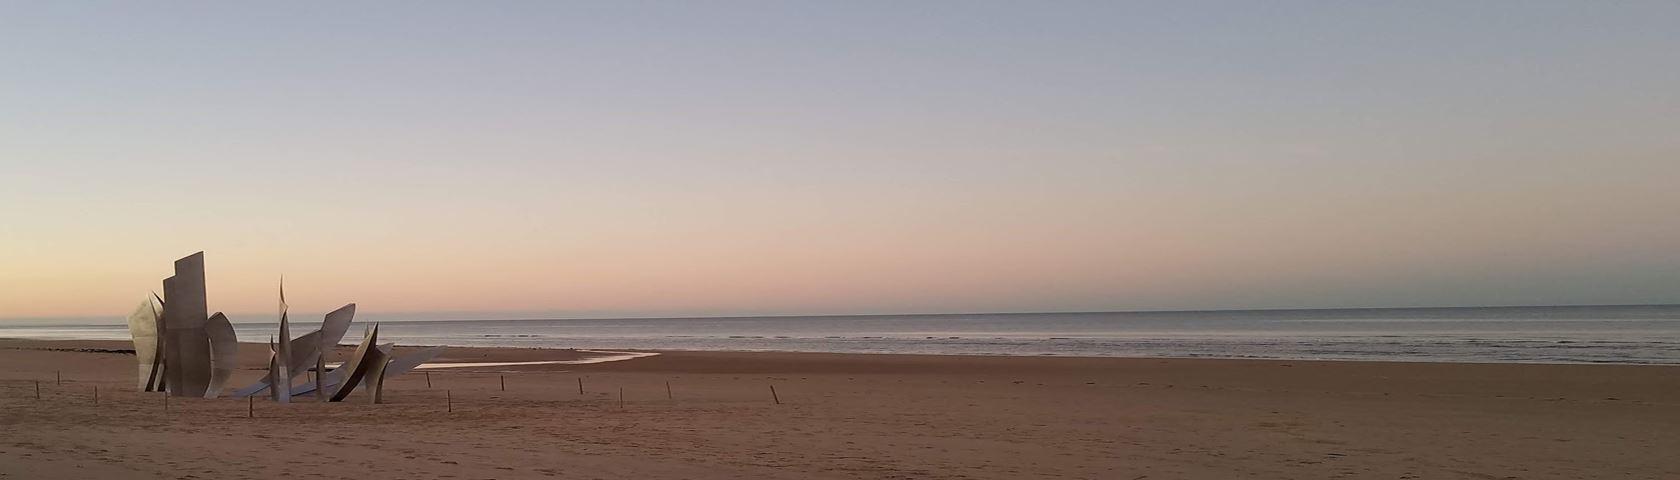 Sunset on Omaha Beach